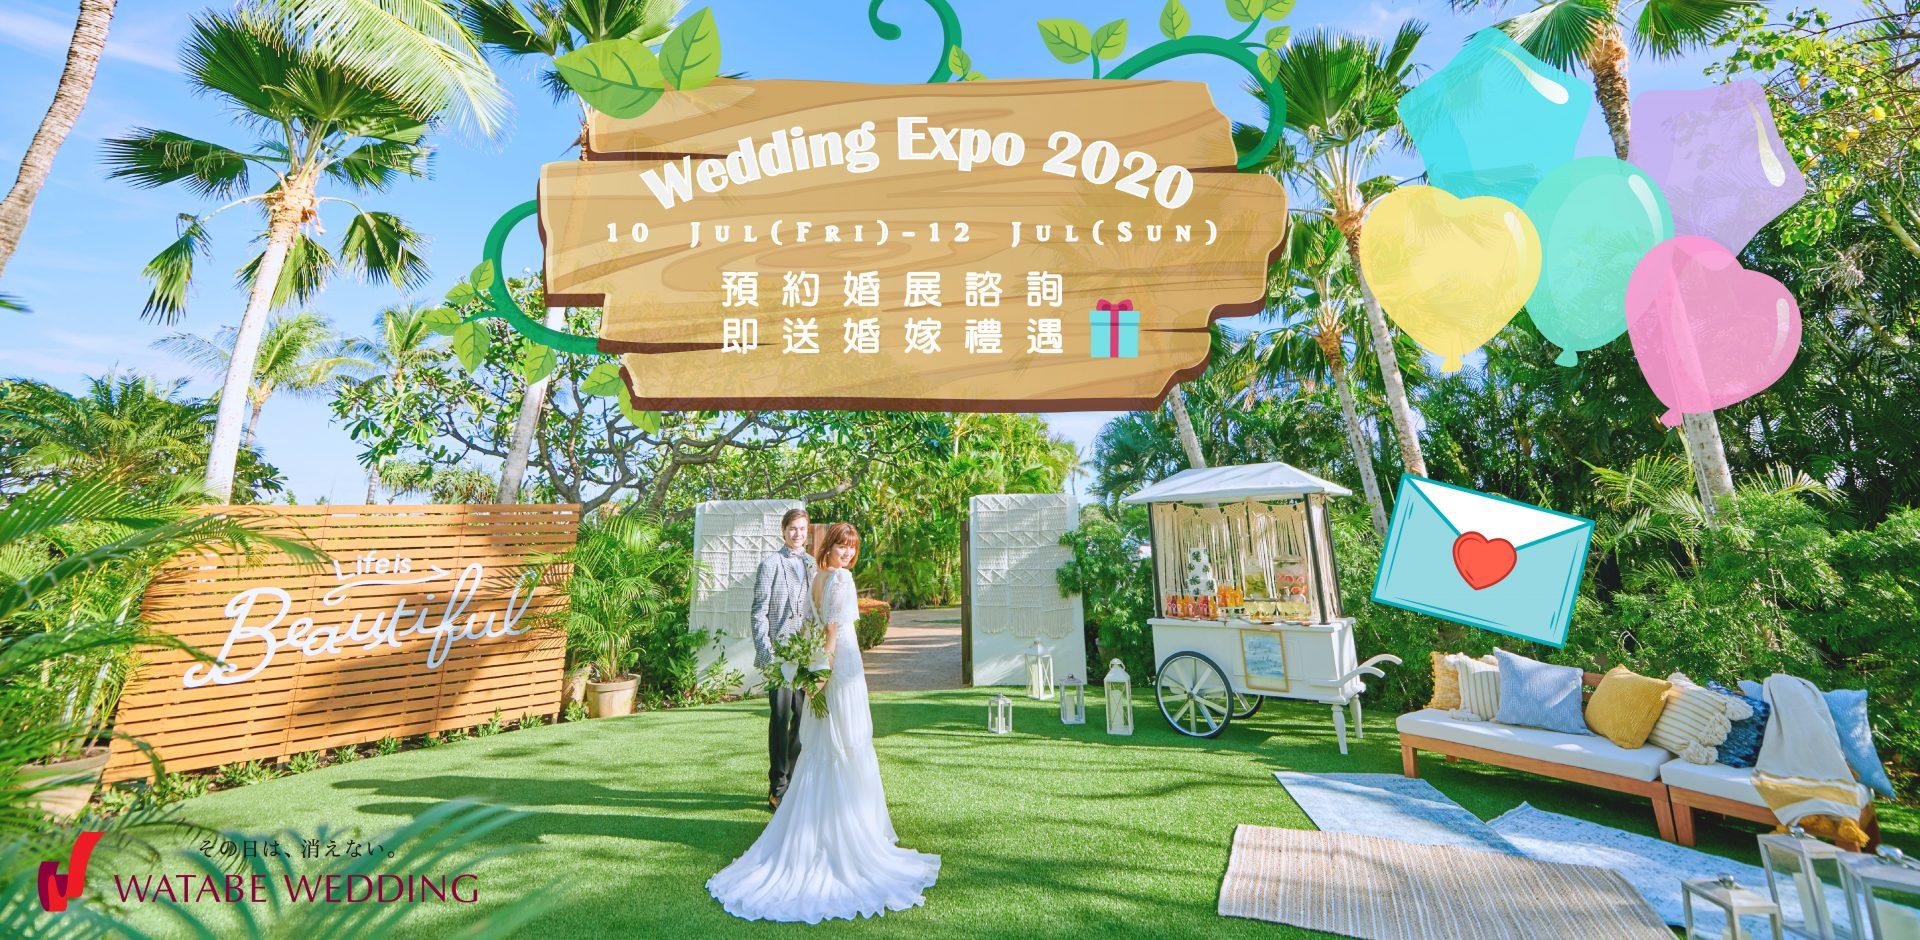 2020年7月10-12日灣仔會議展覽中心「香港婚紗展暨世界結婚巡禮2020」 攤位D02&D04